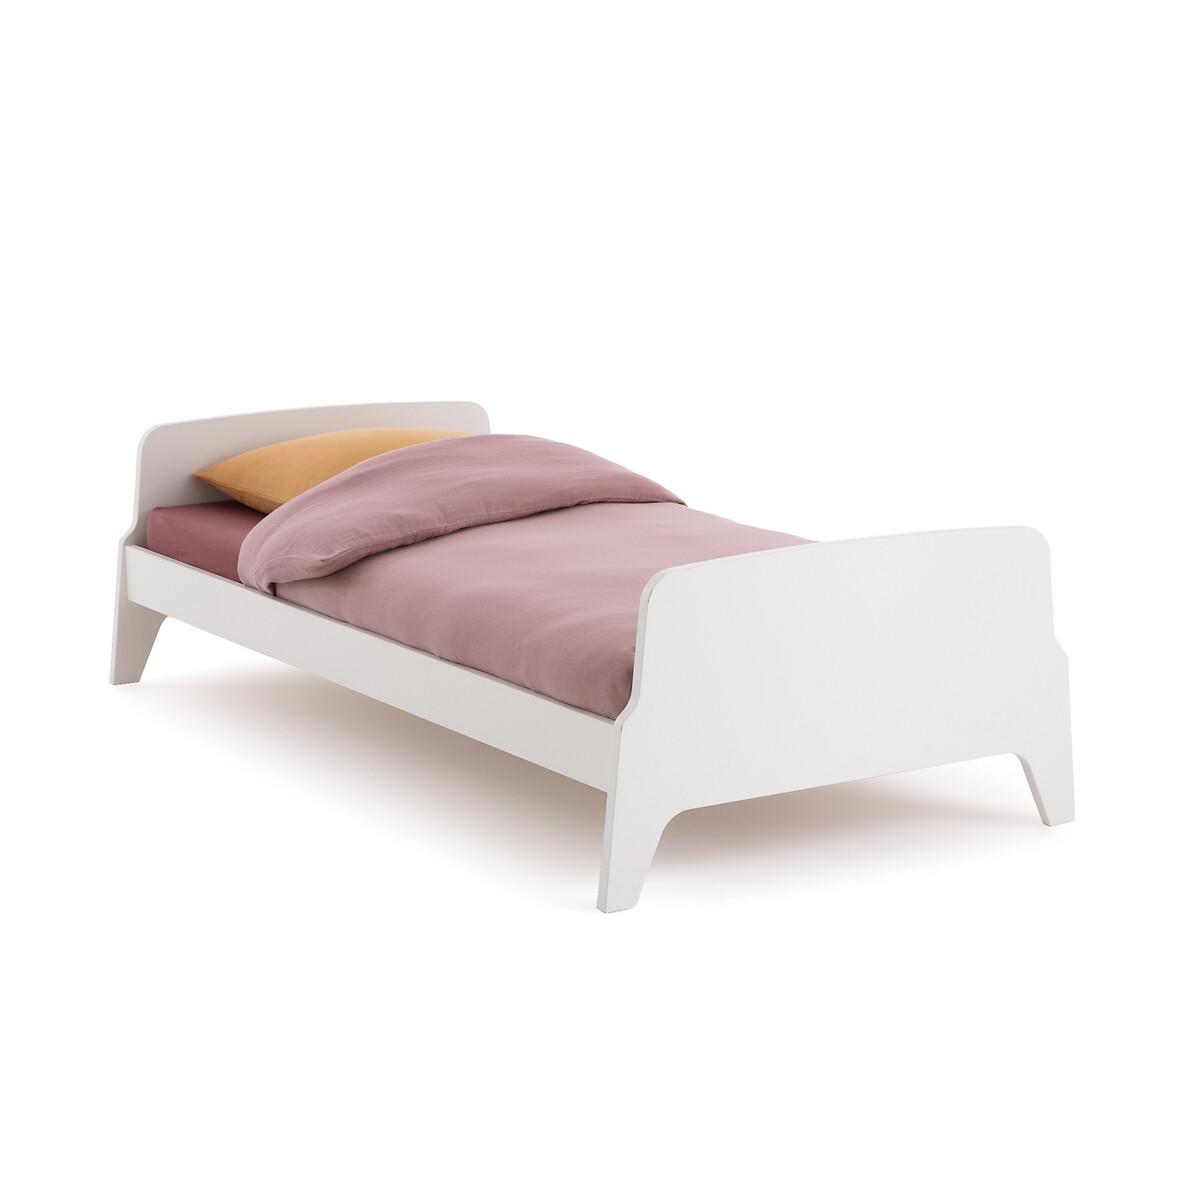 Кровать LaRedoute 1-сп в винтажном стиле Adil 90 x 190 см белый матрас laredoute для кровати с ящиком 90 x 180 x 12 белый